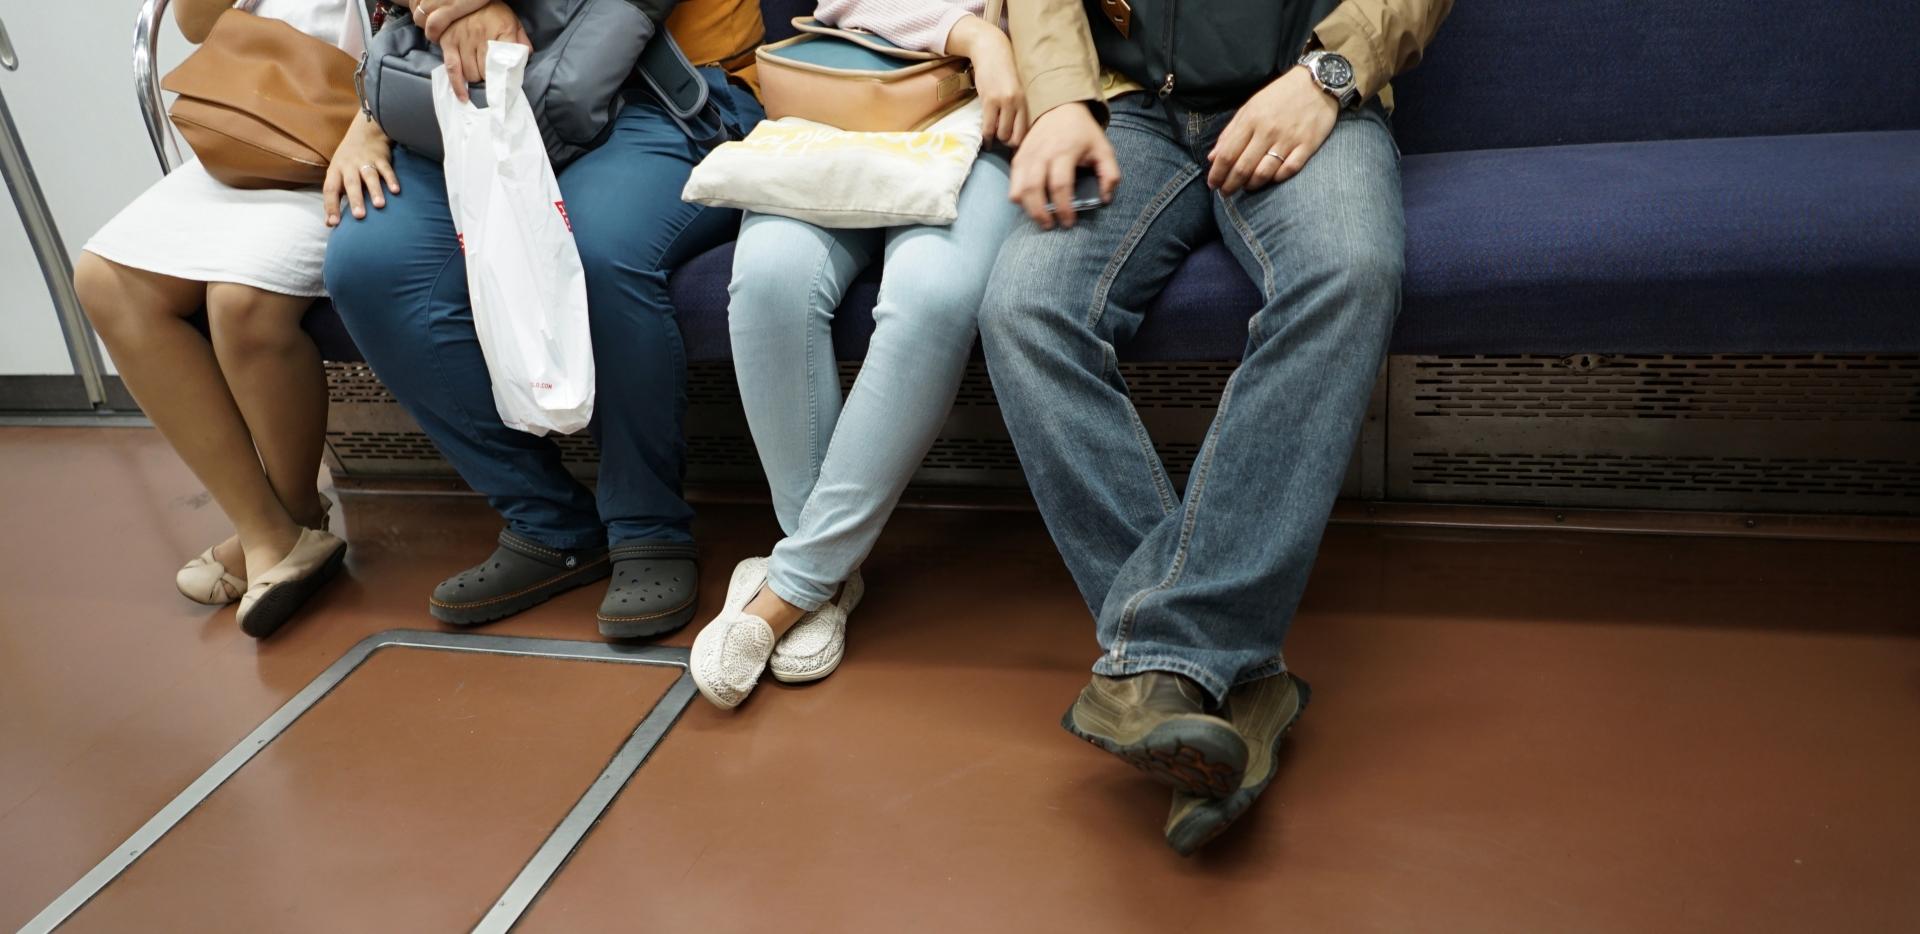 電車で変な人に絡まれた時の、効果的な対処方法